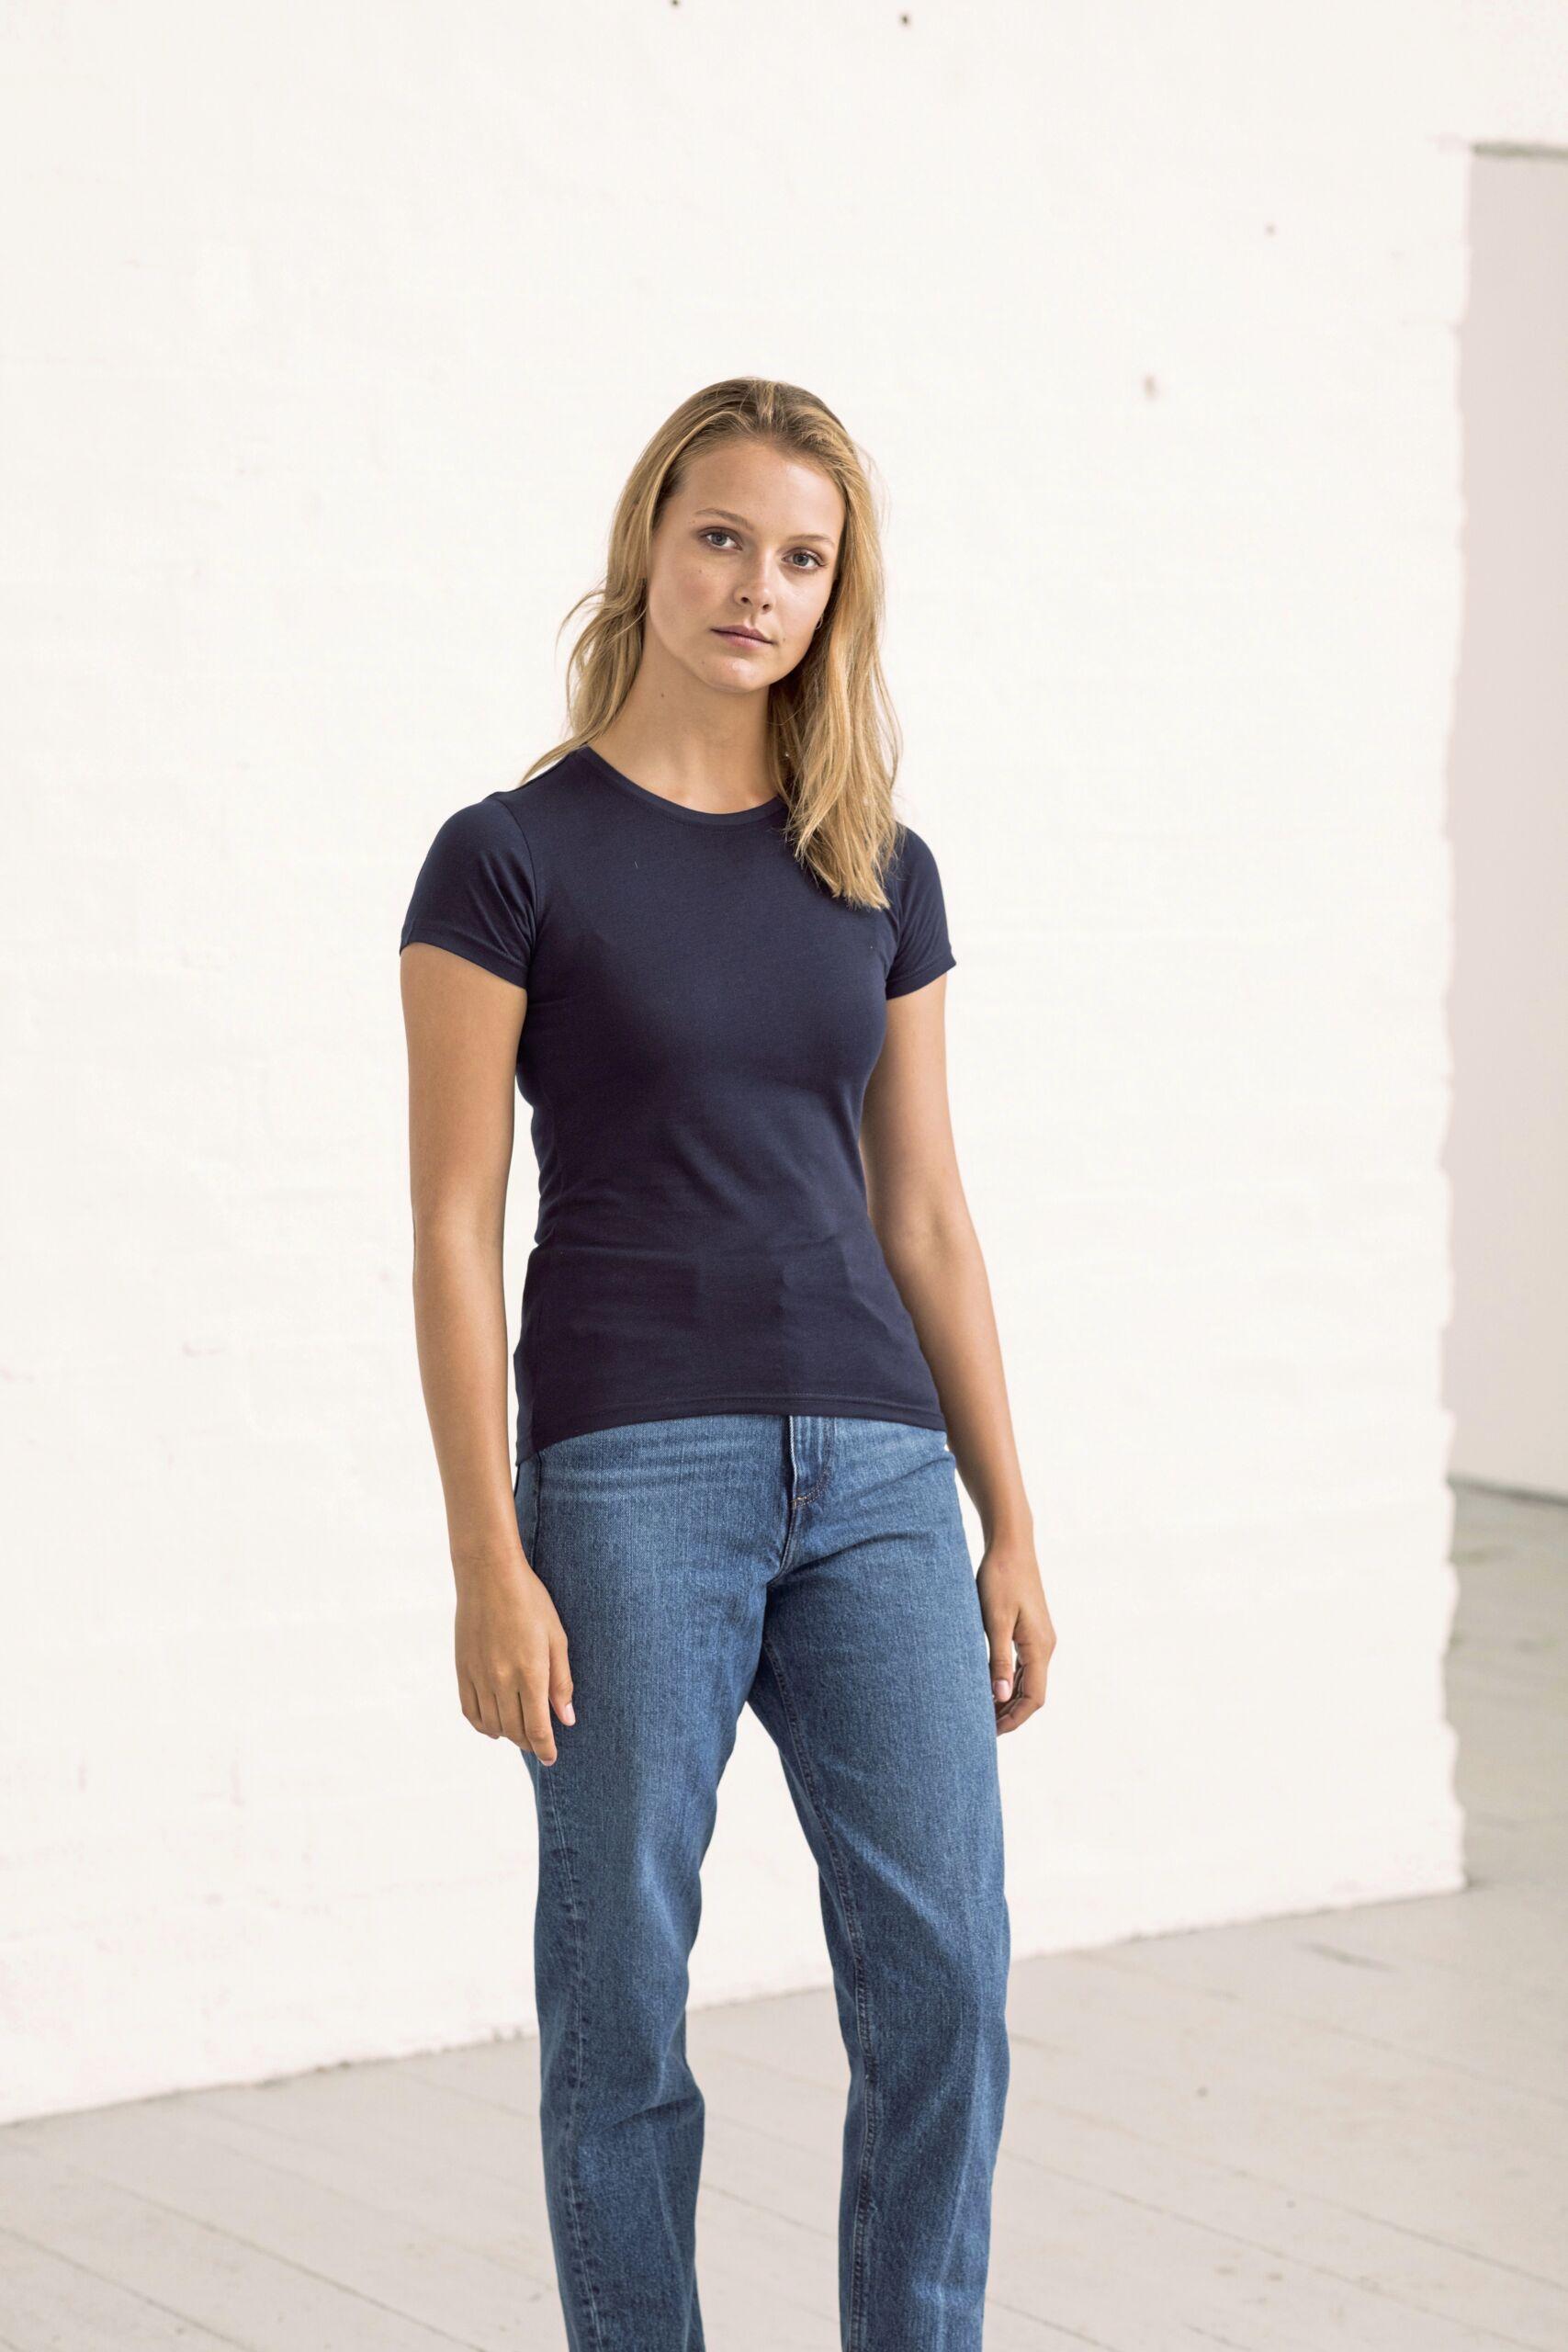 Økologisk Kvinde T-shirt I En 150g/m2 Kvalitet [EA001F]